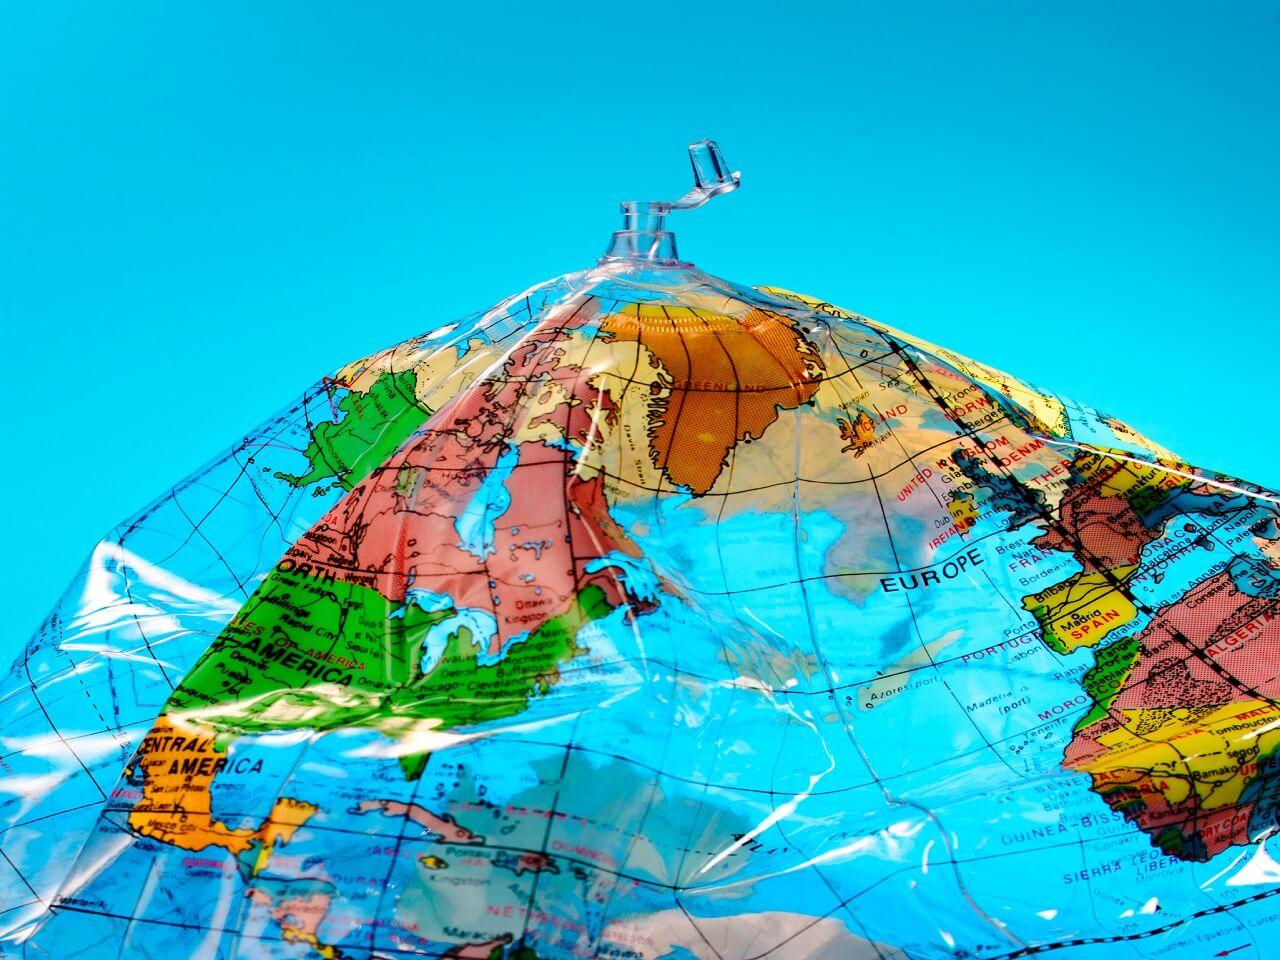 Dünya Genelinde Uygulanan Ticareti Kısıtlayıcı Önlemler Rekor Seviyelere Ulaşıyor